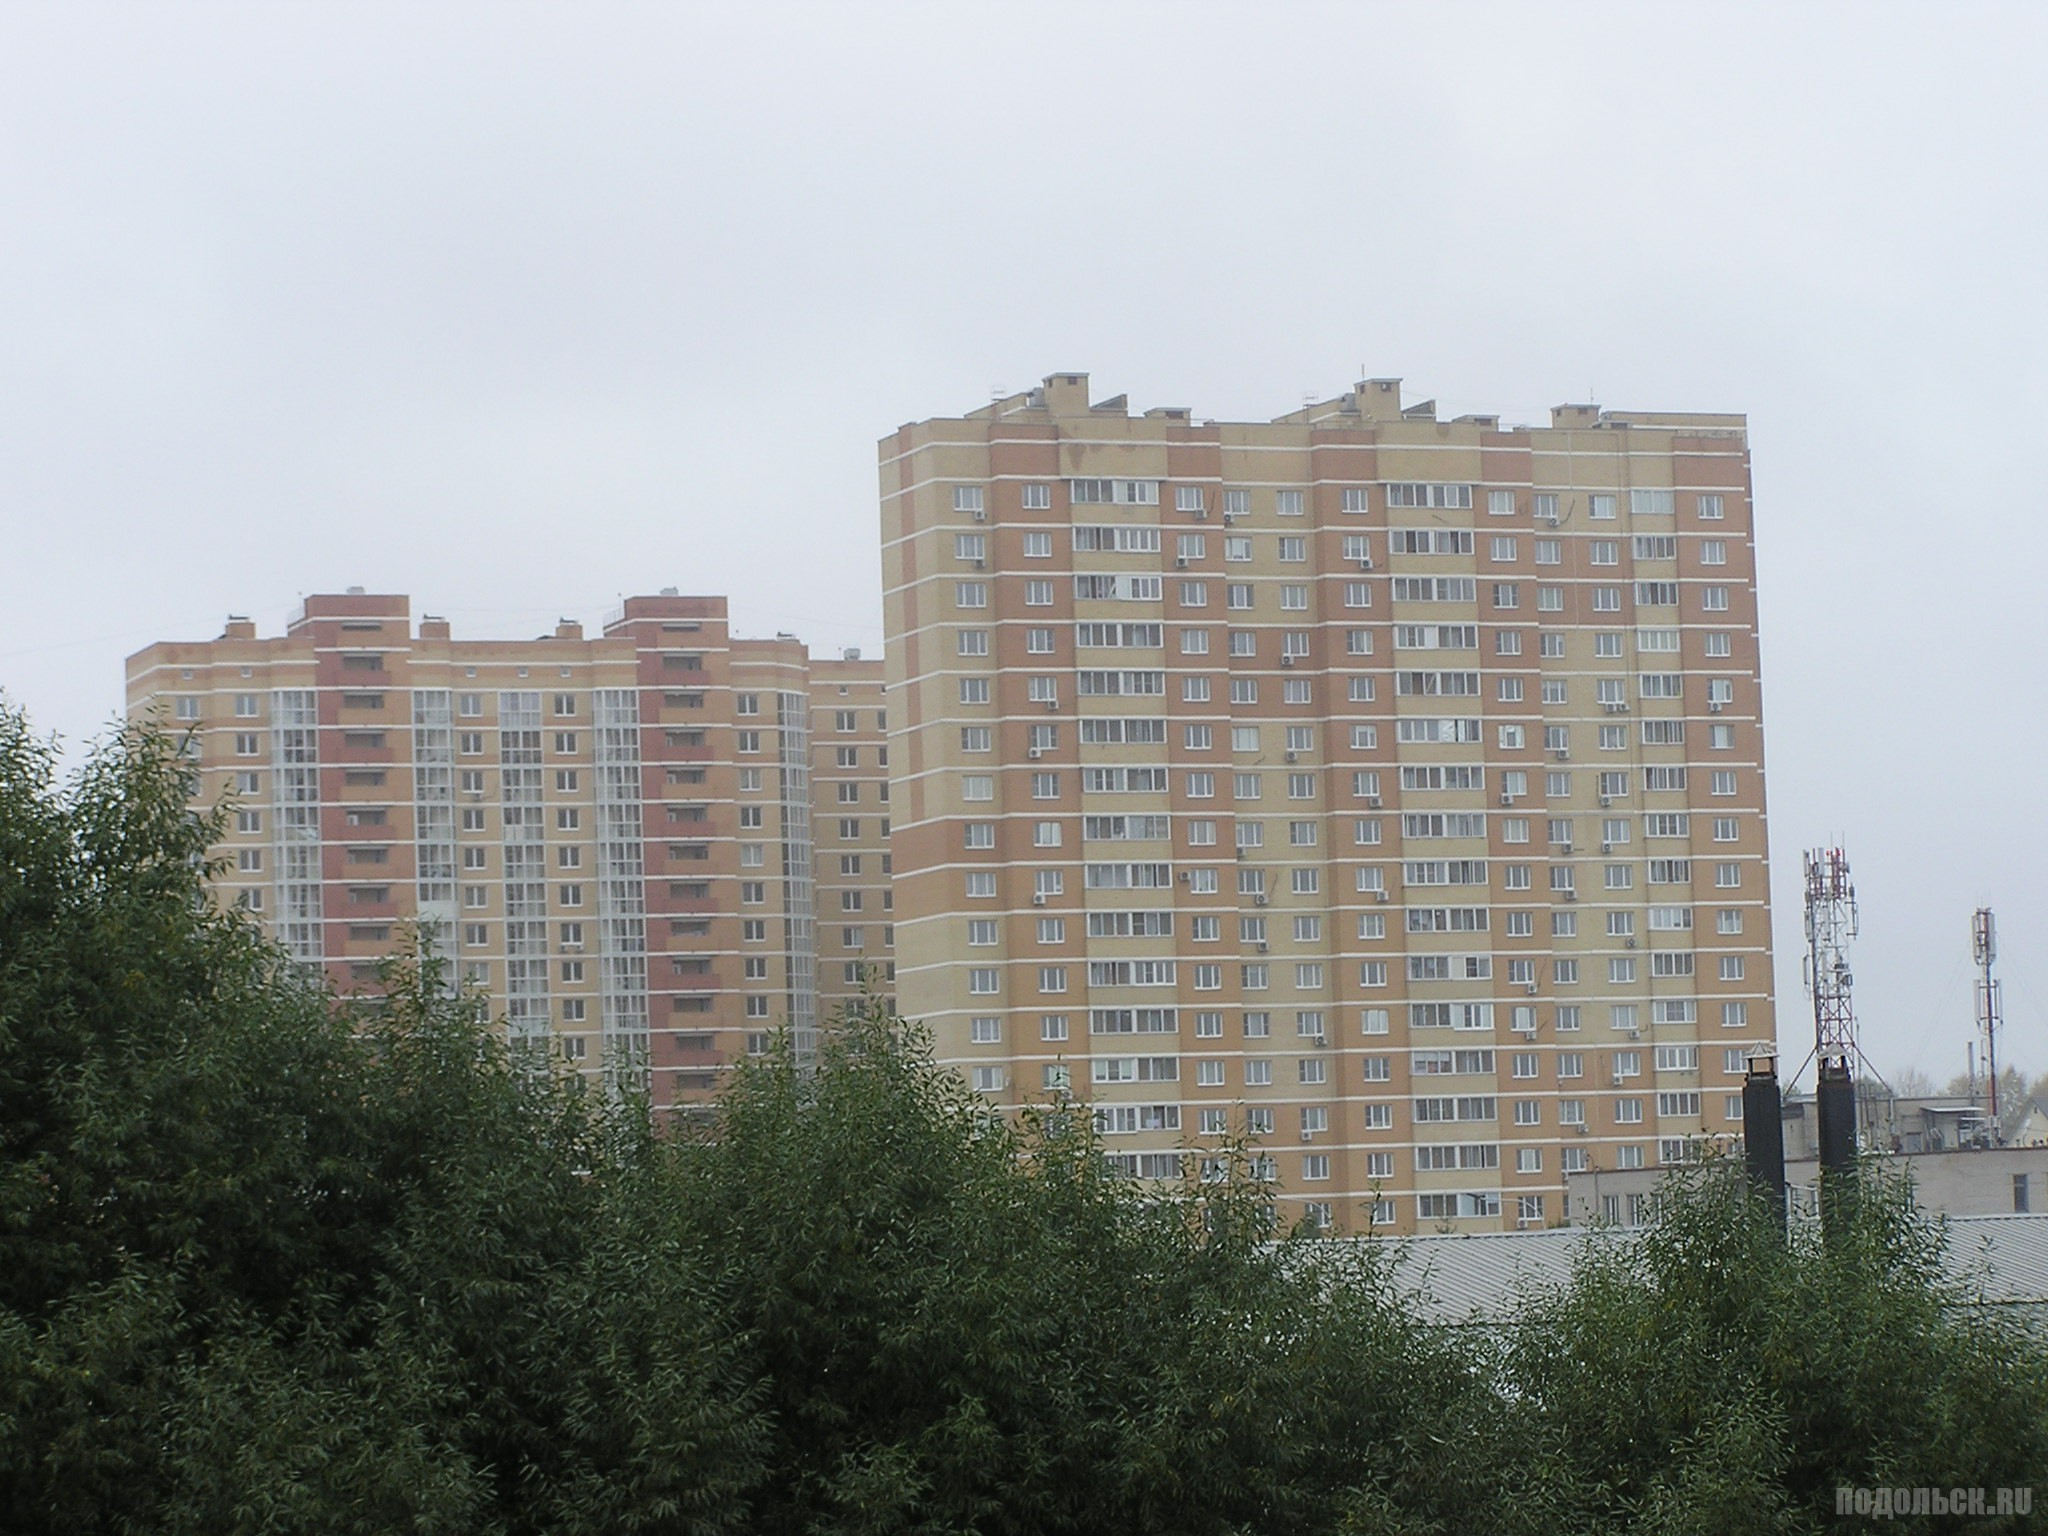 Новостройки на Рязановском шоссе, 18.09.16.